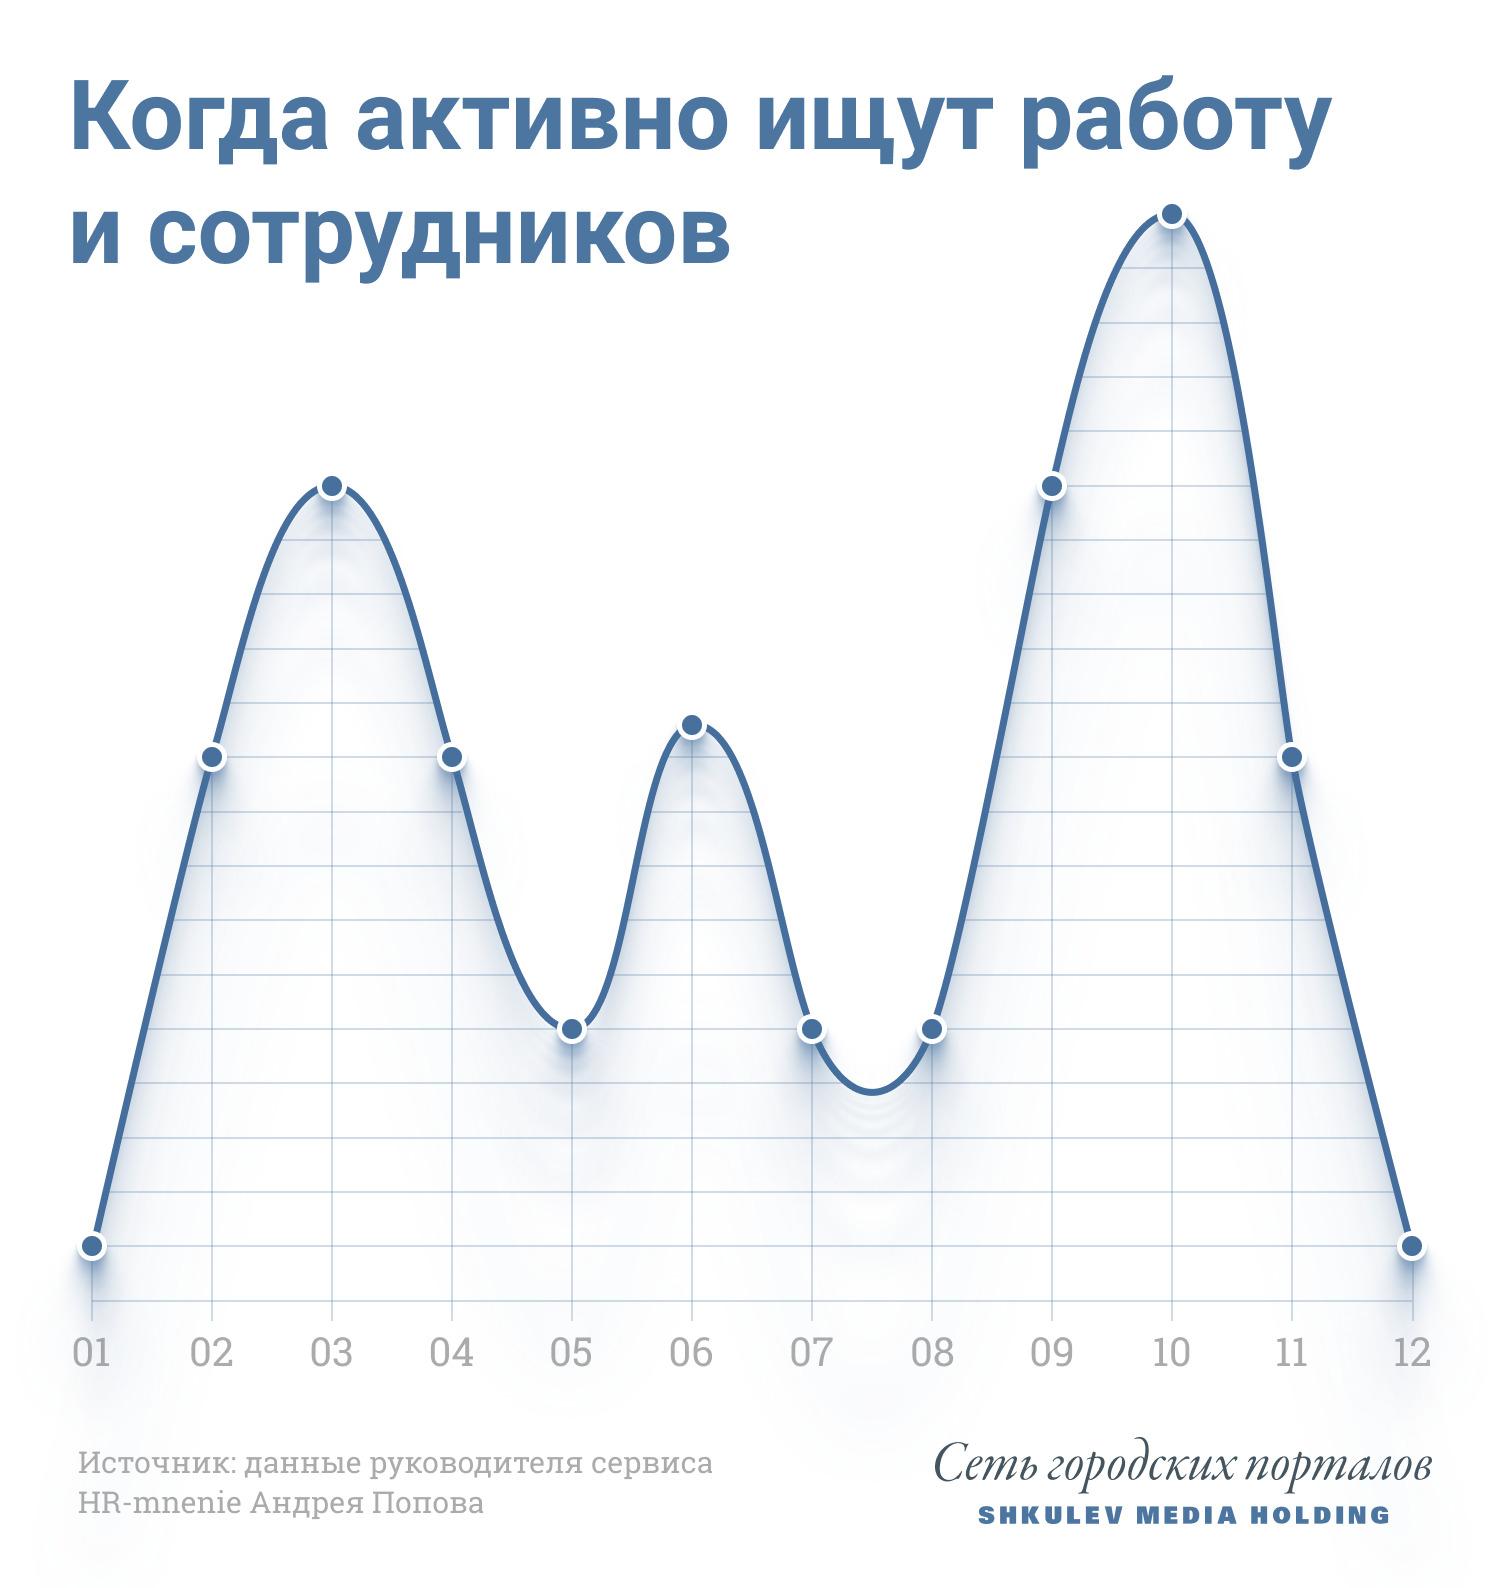 Такой график поиска и предложения работы на рынке труда проверен годами